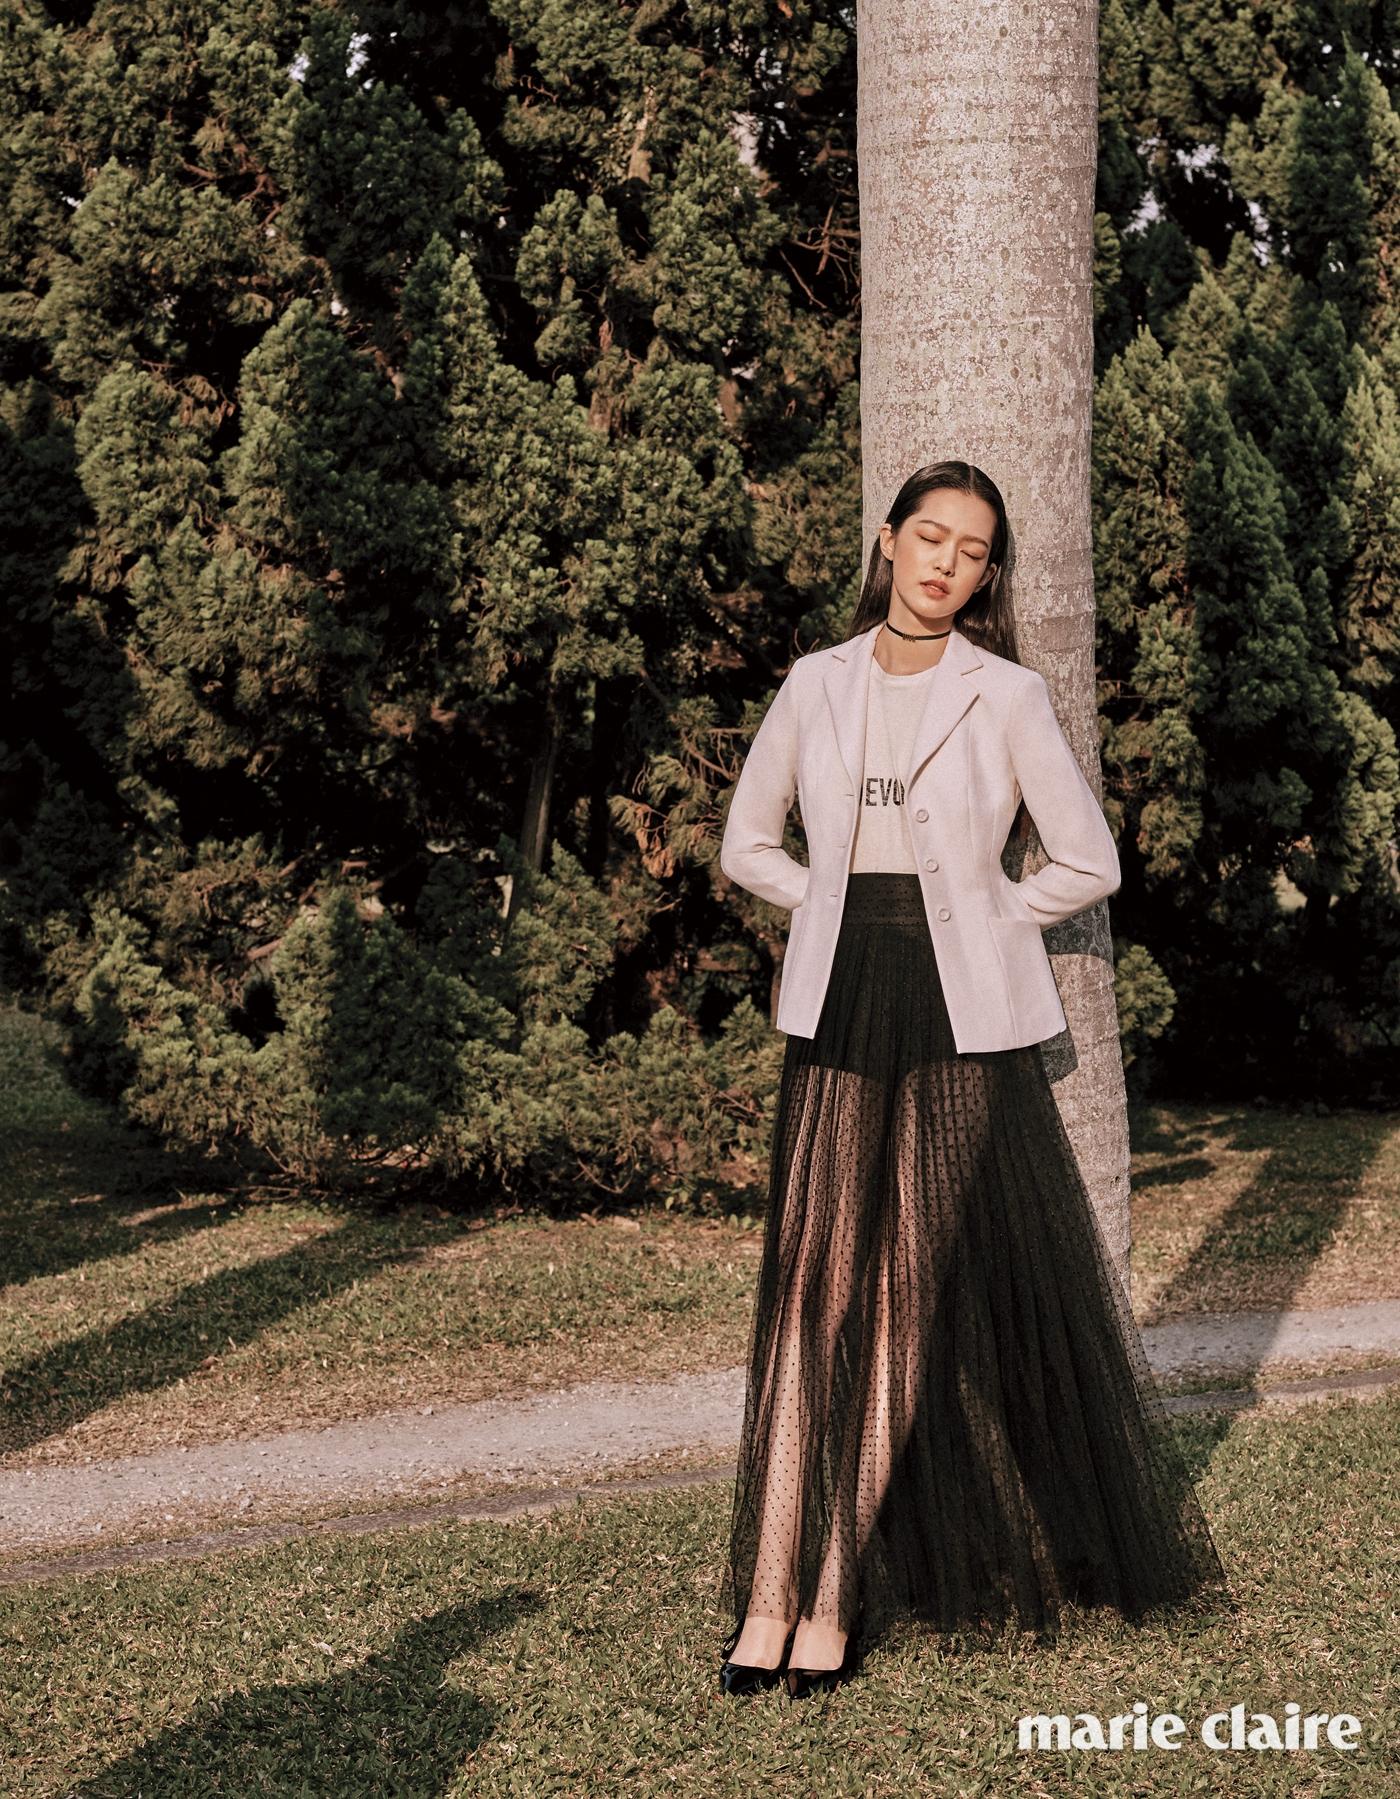 아워글라스 실루엣의 화이트 바 재킷, 레터링 프린트티셔츠, 블랙 도트 샤 스커트, 블랙 브리프, 로고 펜던트 초커, 블랙 에나멜 키튼힐 슈즈 모두디올(Dior).